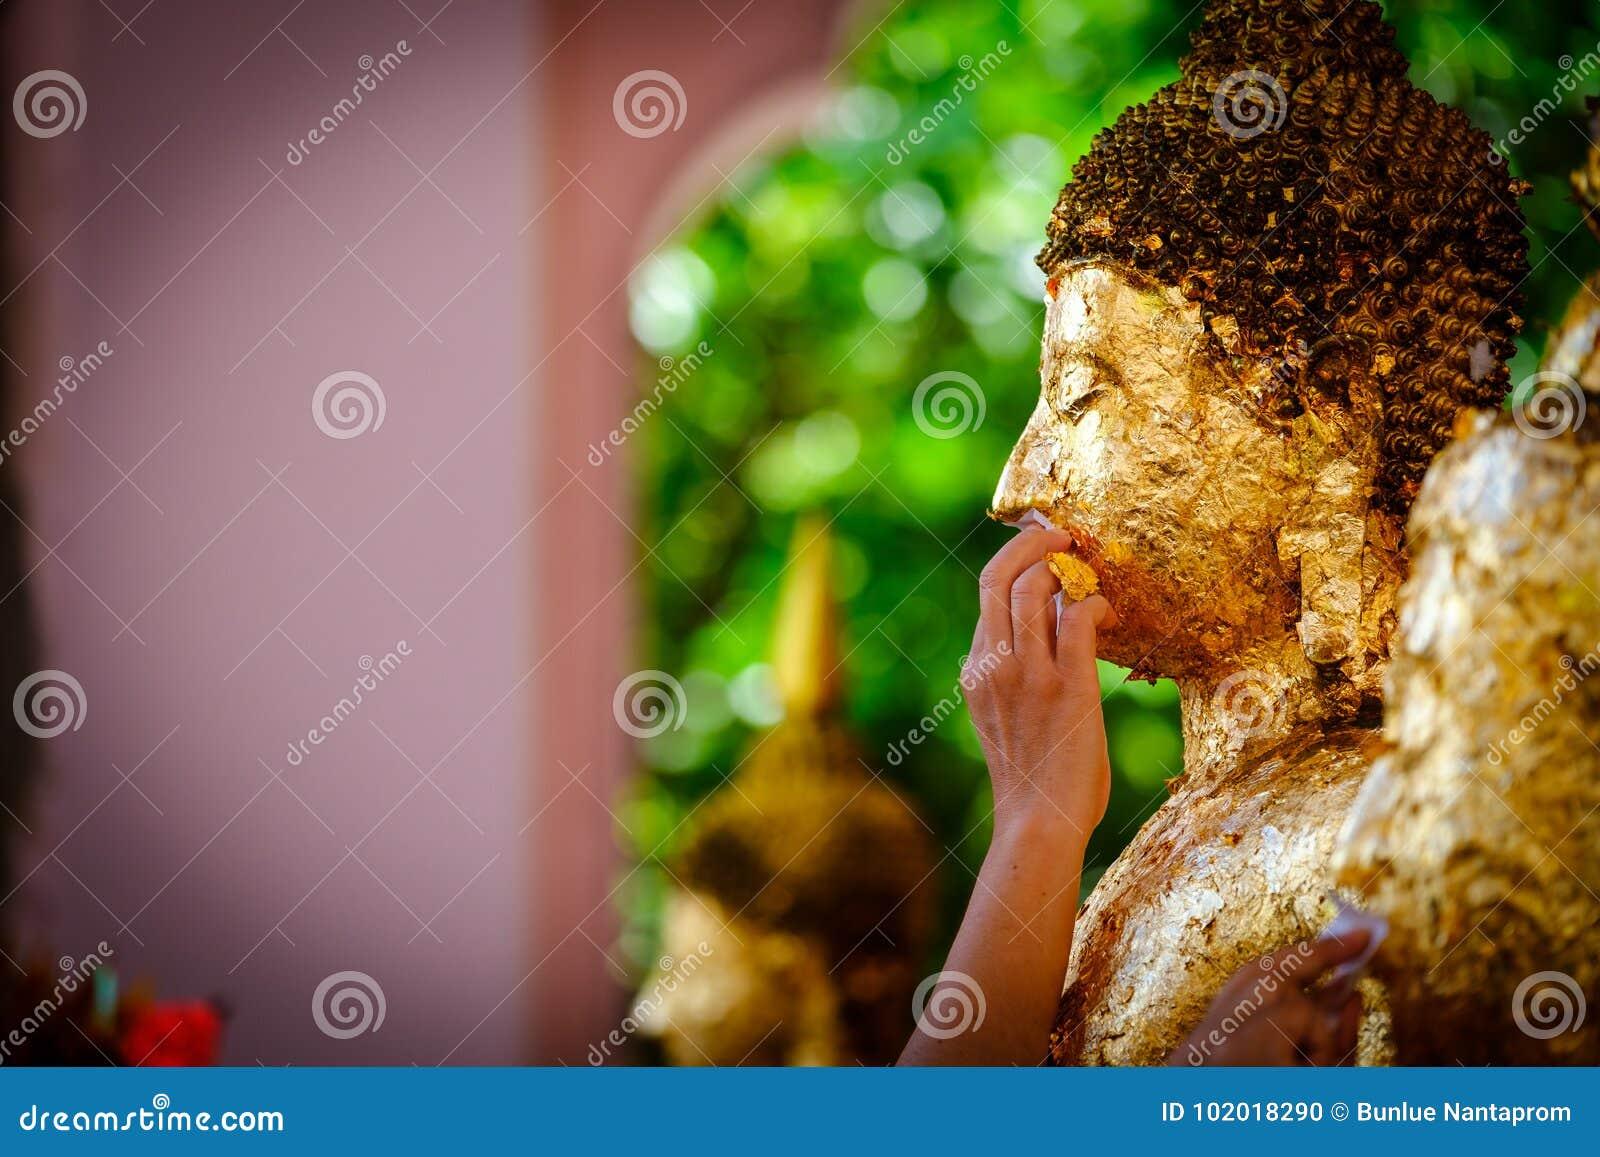 Les personnes thaïlandaises font le mérite, bouddhistes dorant la feuille d or sur le visage